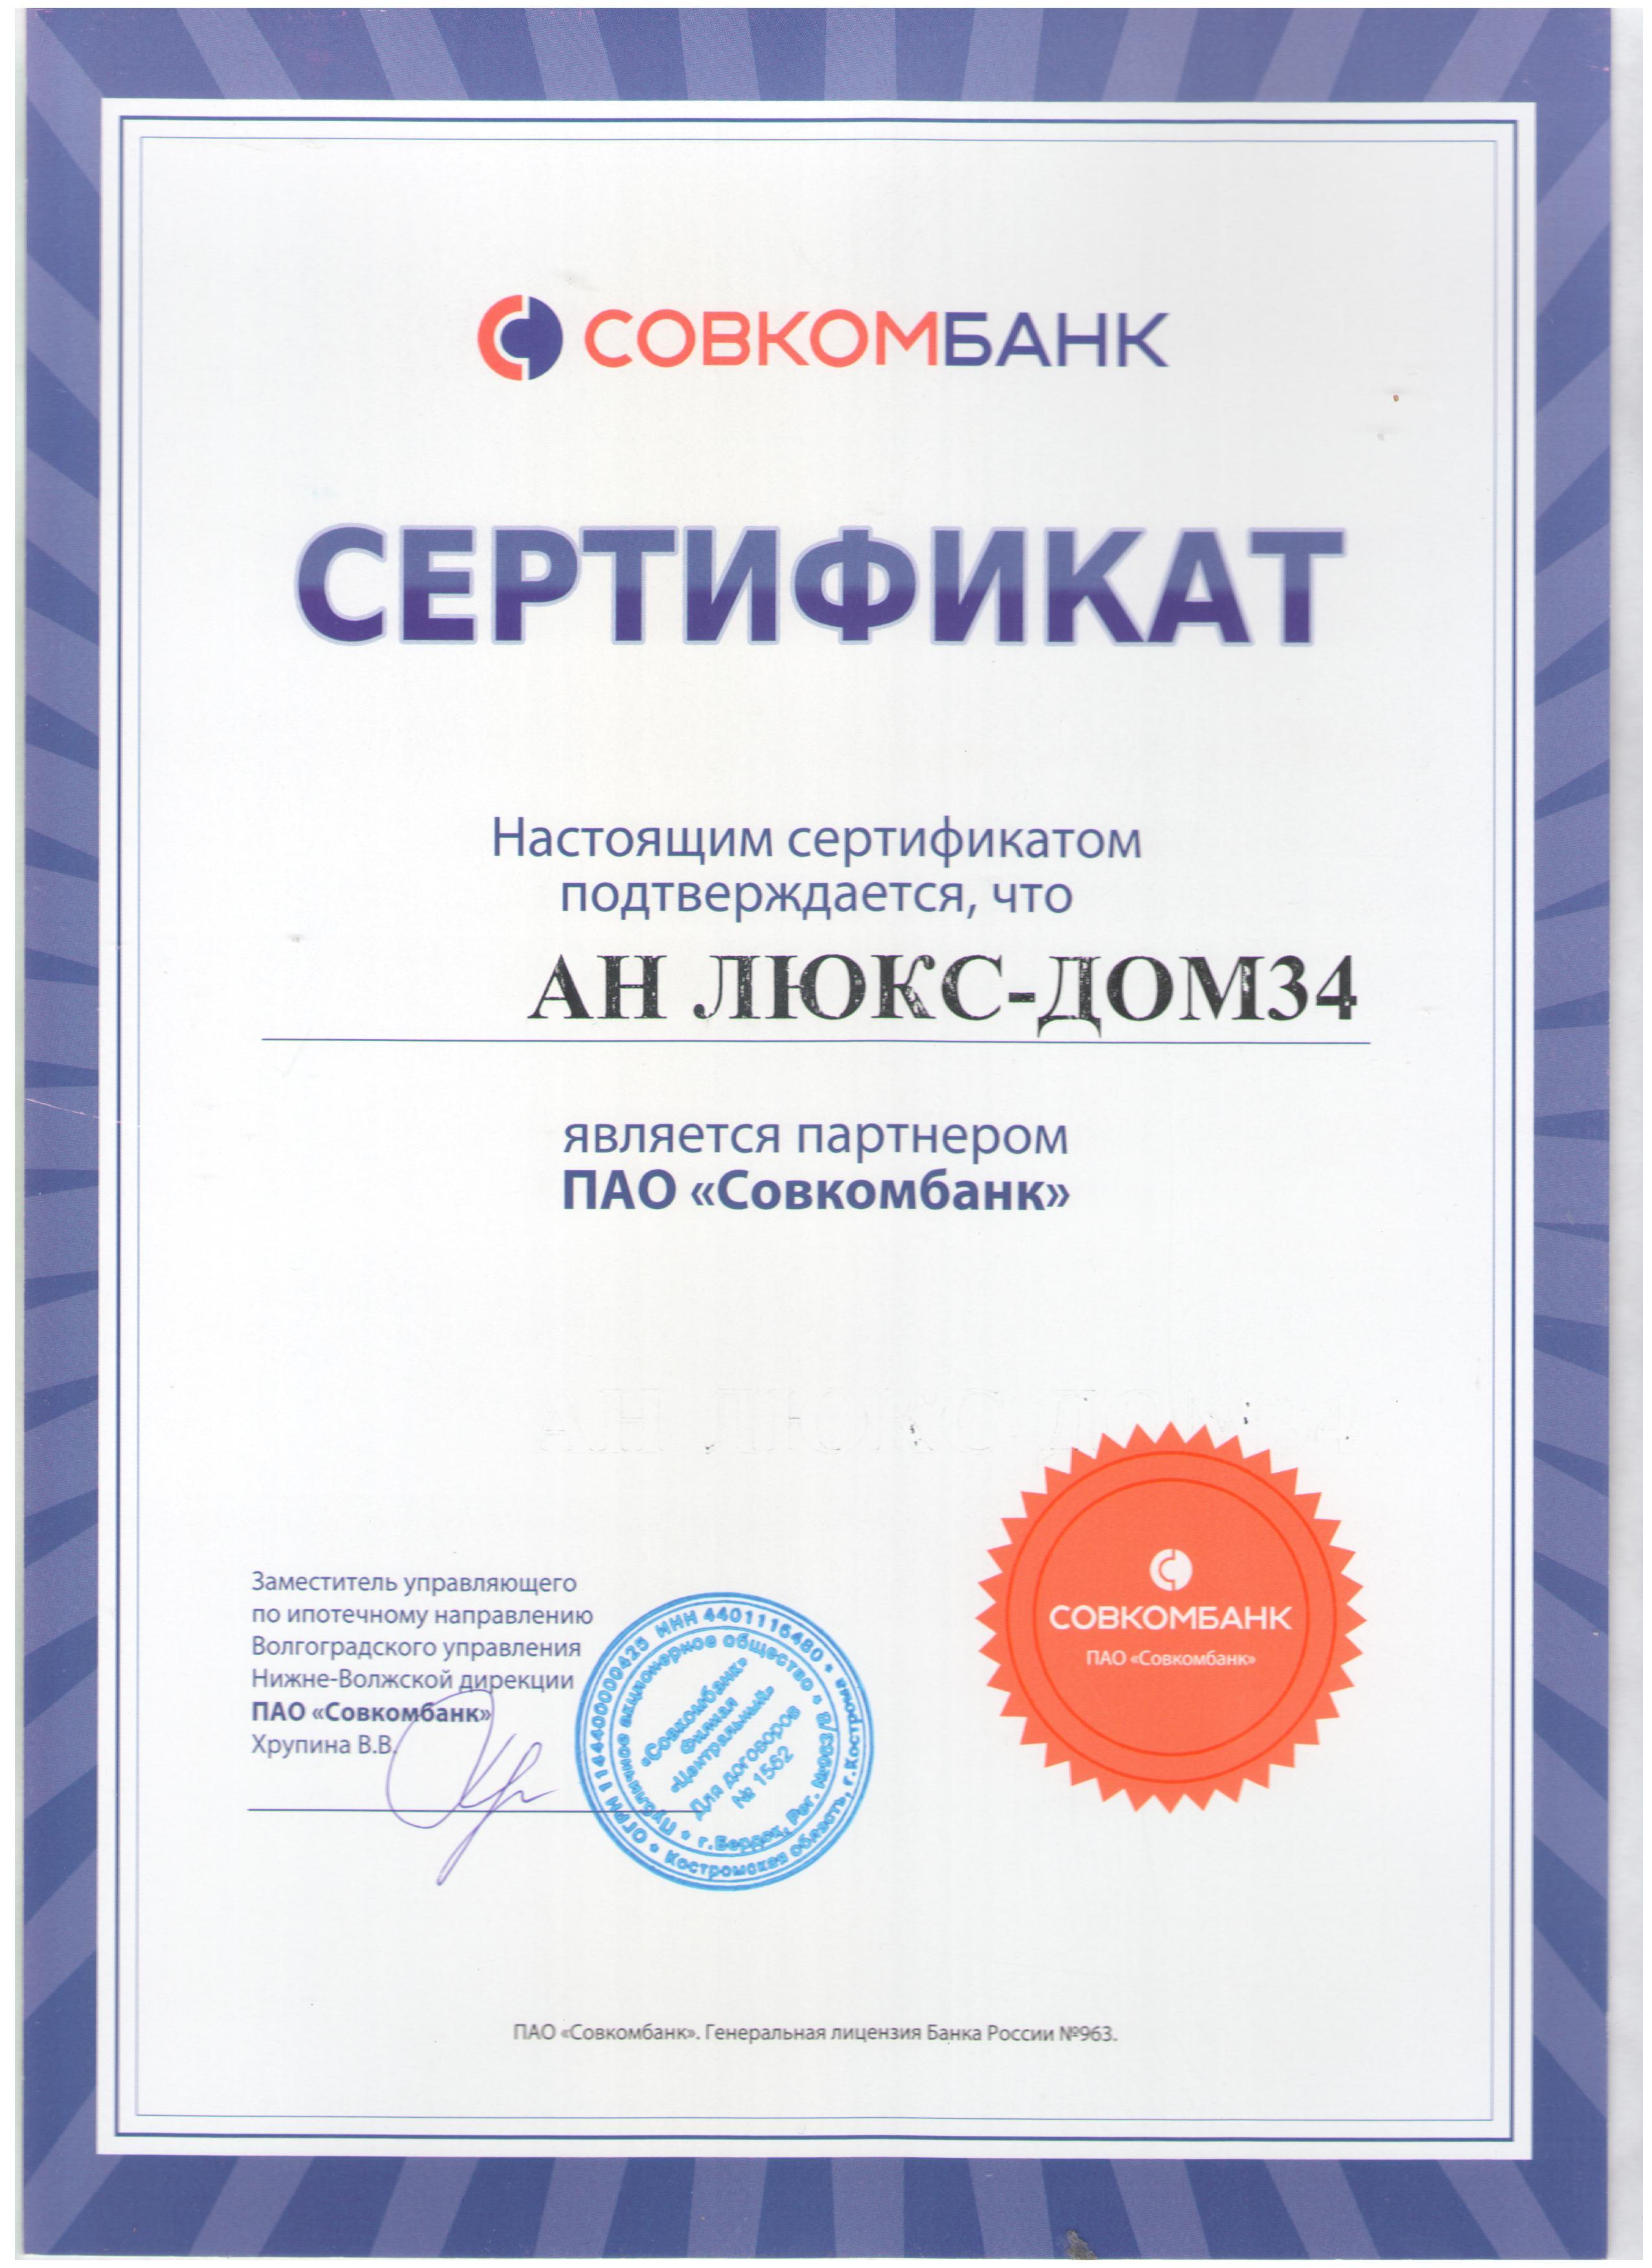 Партнёр Совкомбанк